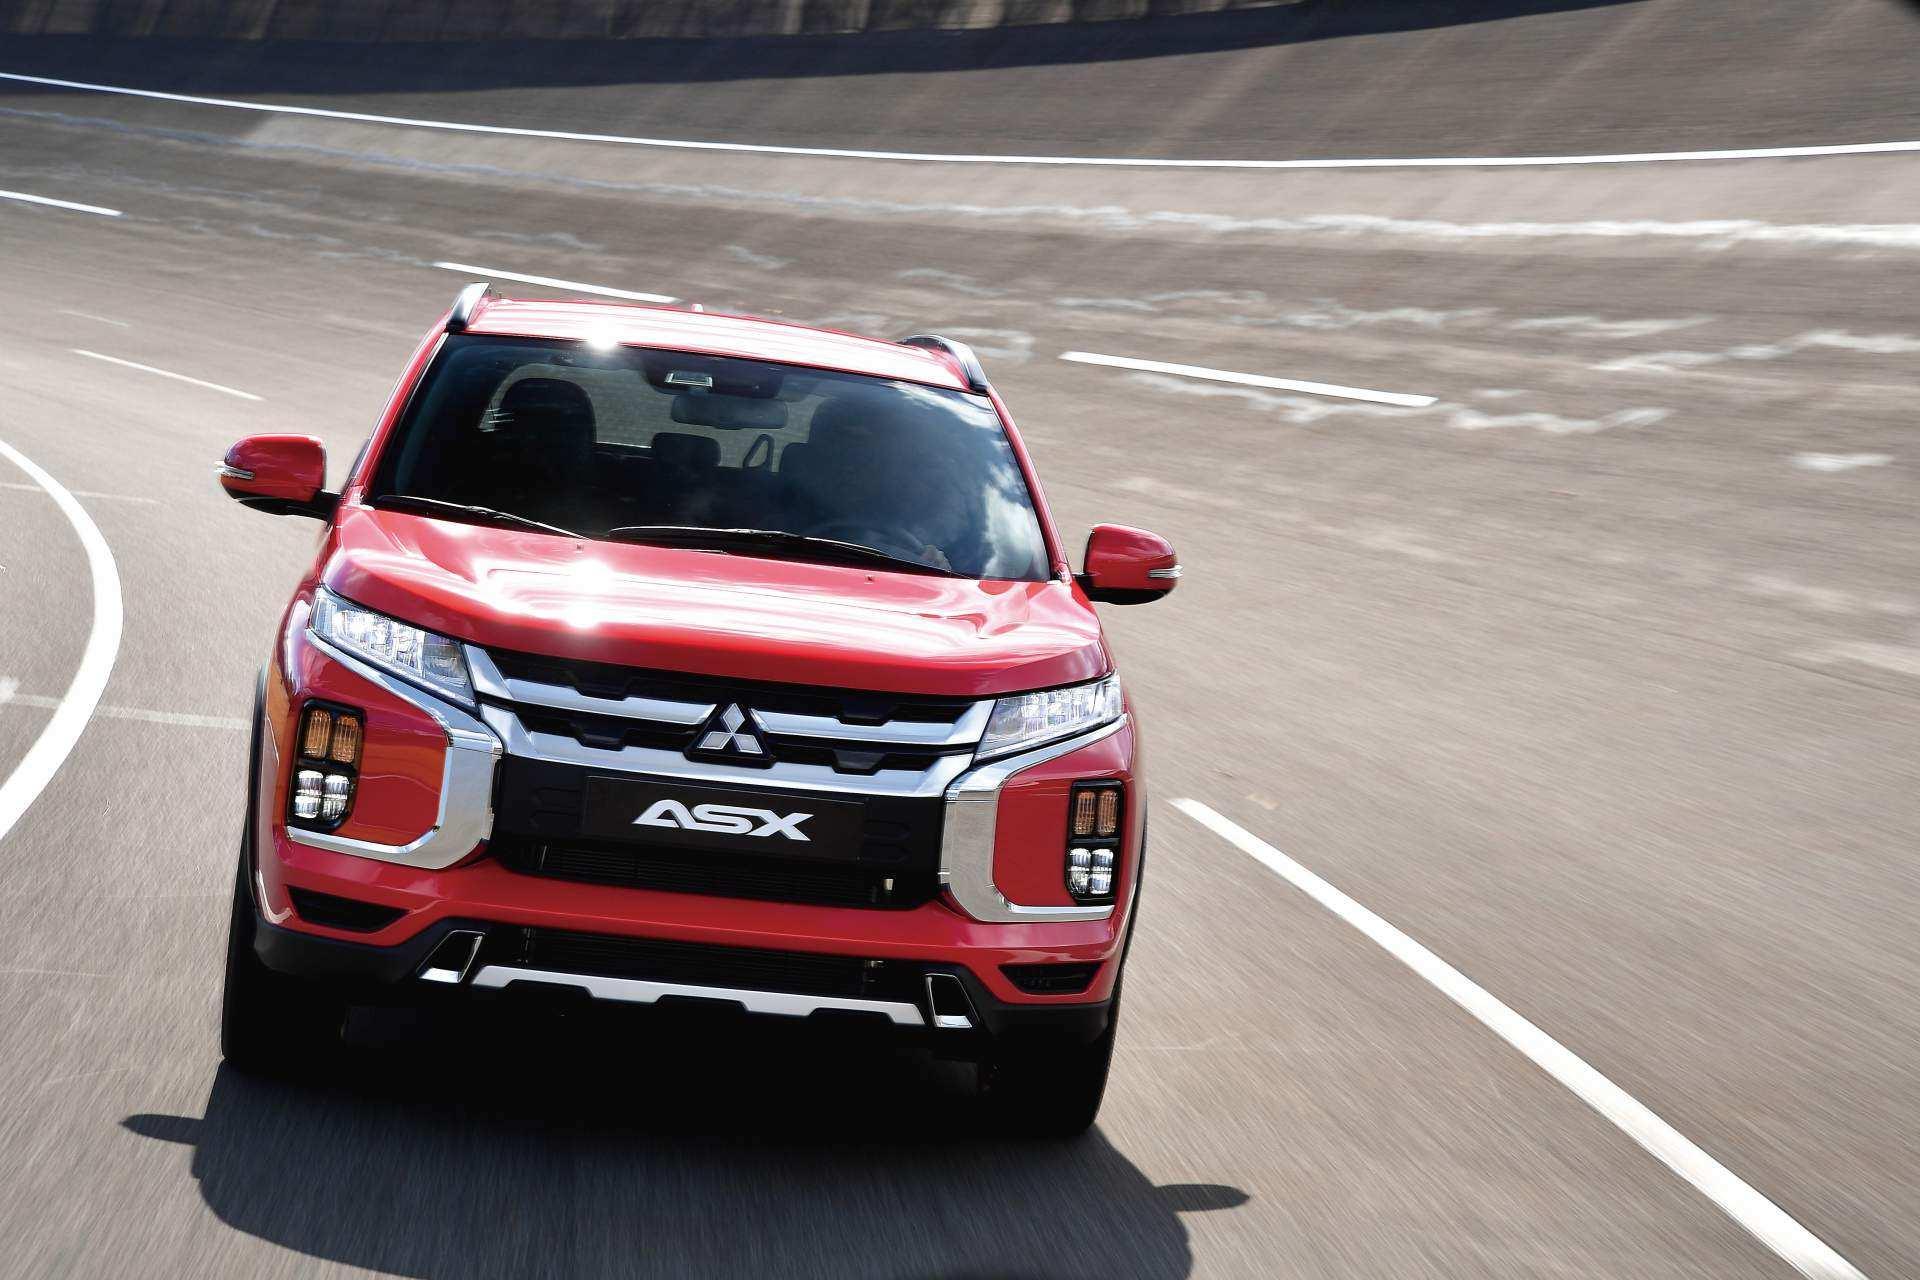 34 New Mitsubishi Asx 2020 Dane Techniczne Redesign for Mitsubishi Asx 2020 Dane Techniczne